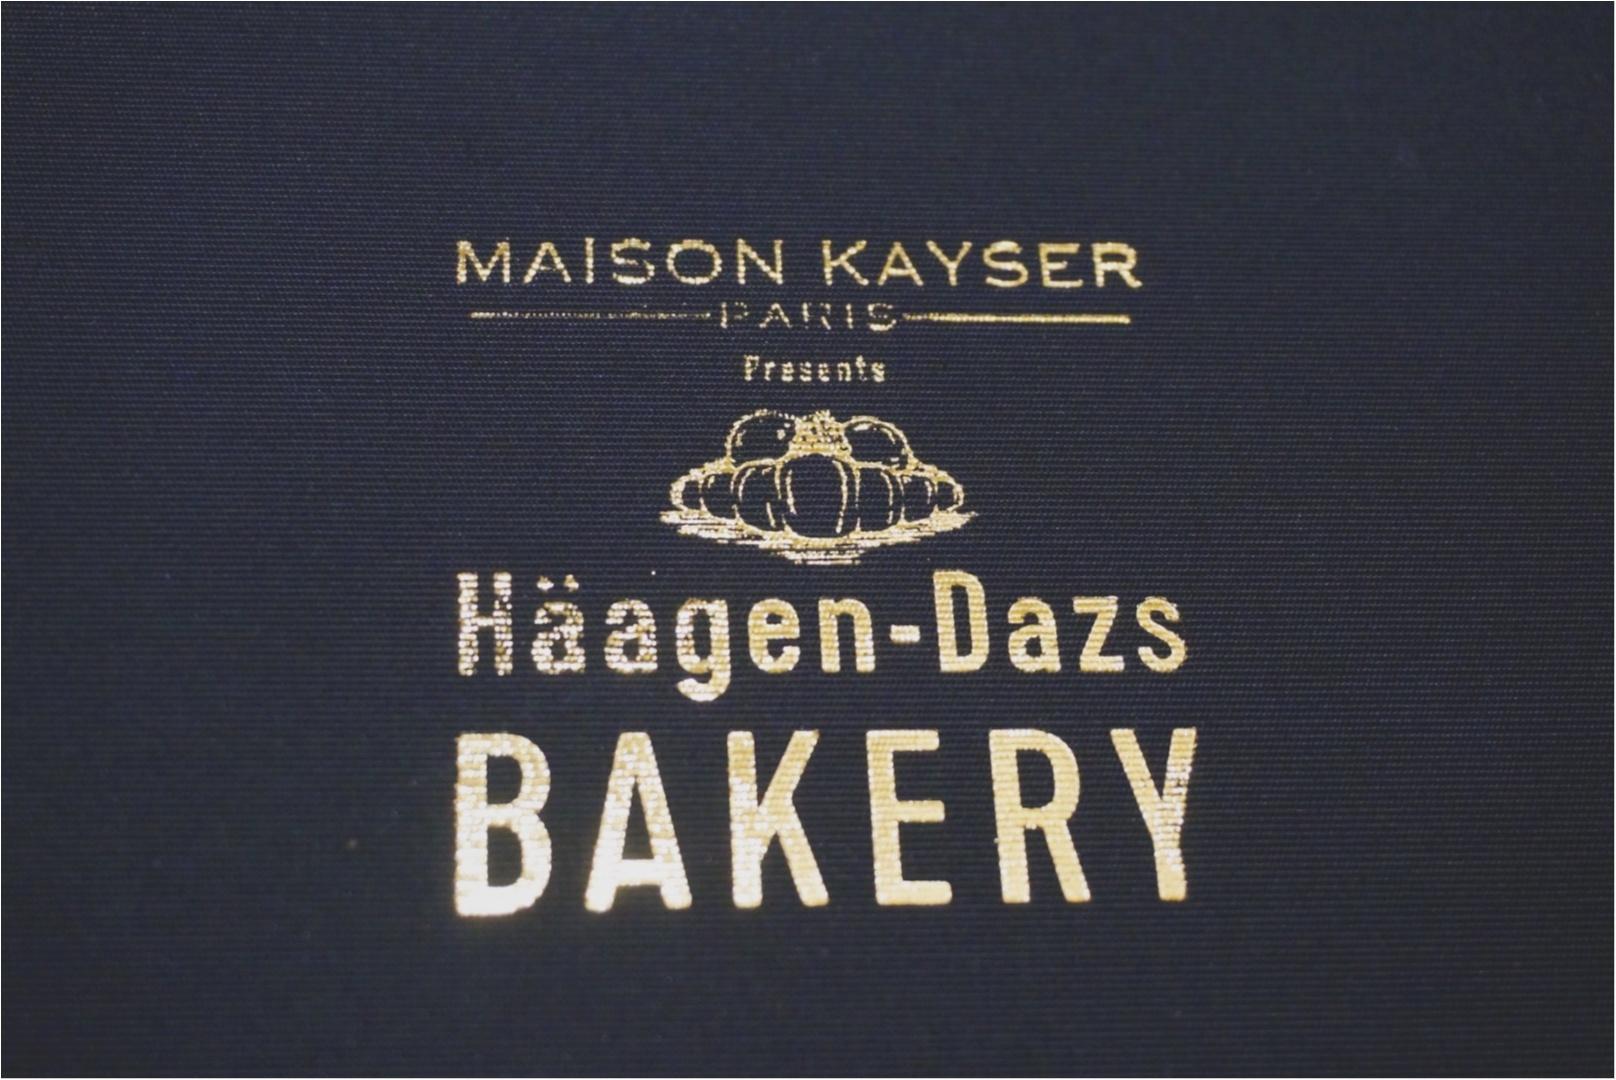 5月9日までの期間限定‼︎ハーゲンダッツ初のベーカリー【Häagen-Dazs Bakery】が大人気♡_1